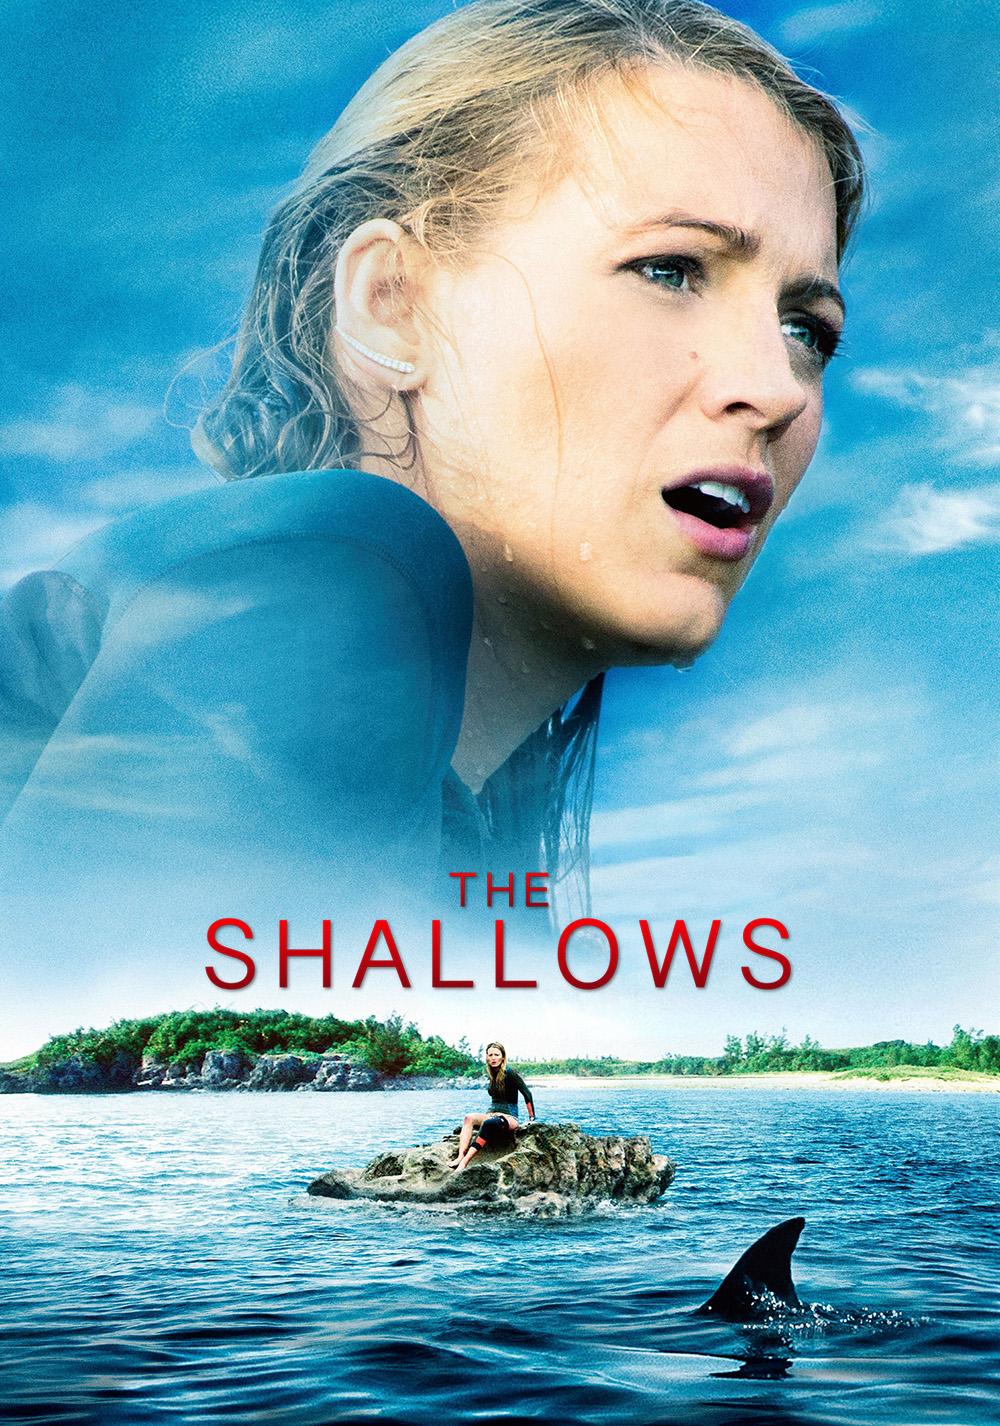 https://fanart.tv/fanart/movies/332567/movieposter/the-shallows-57c55c1ec1d92.jpg